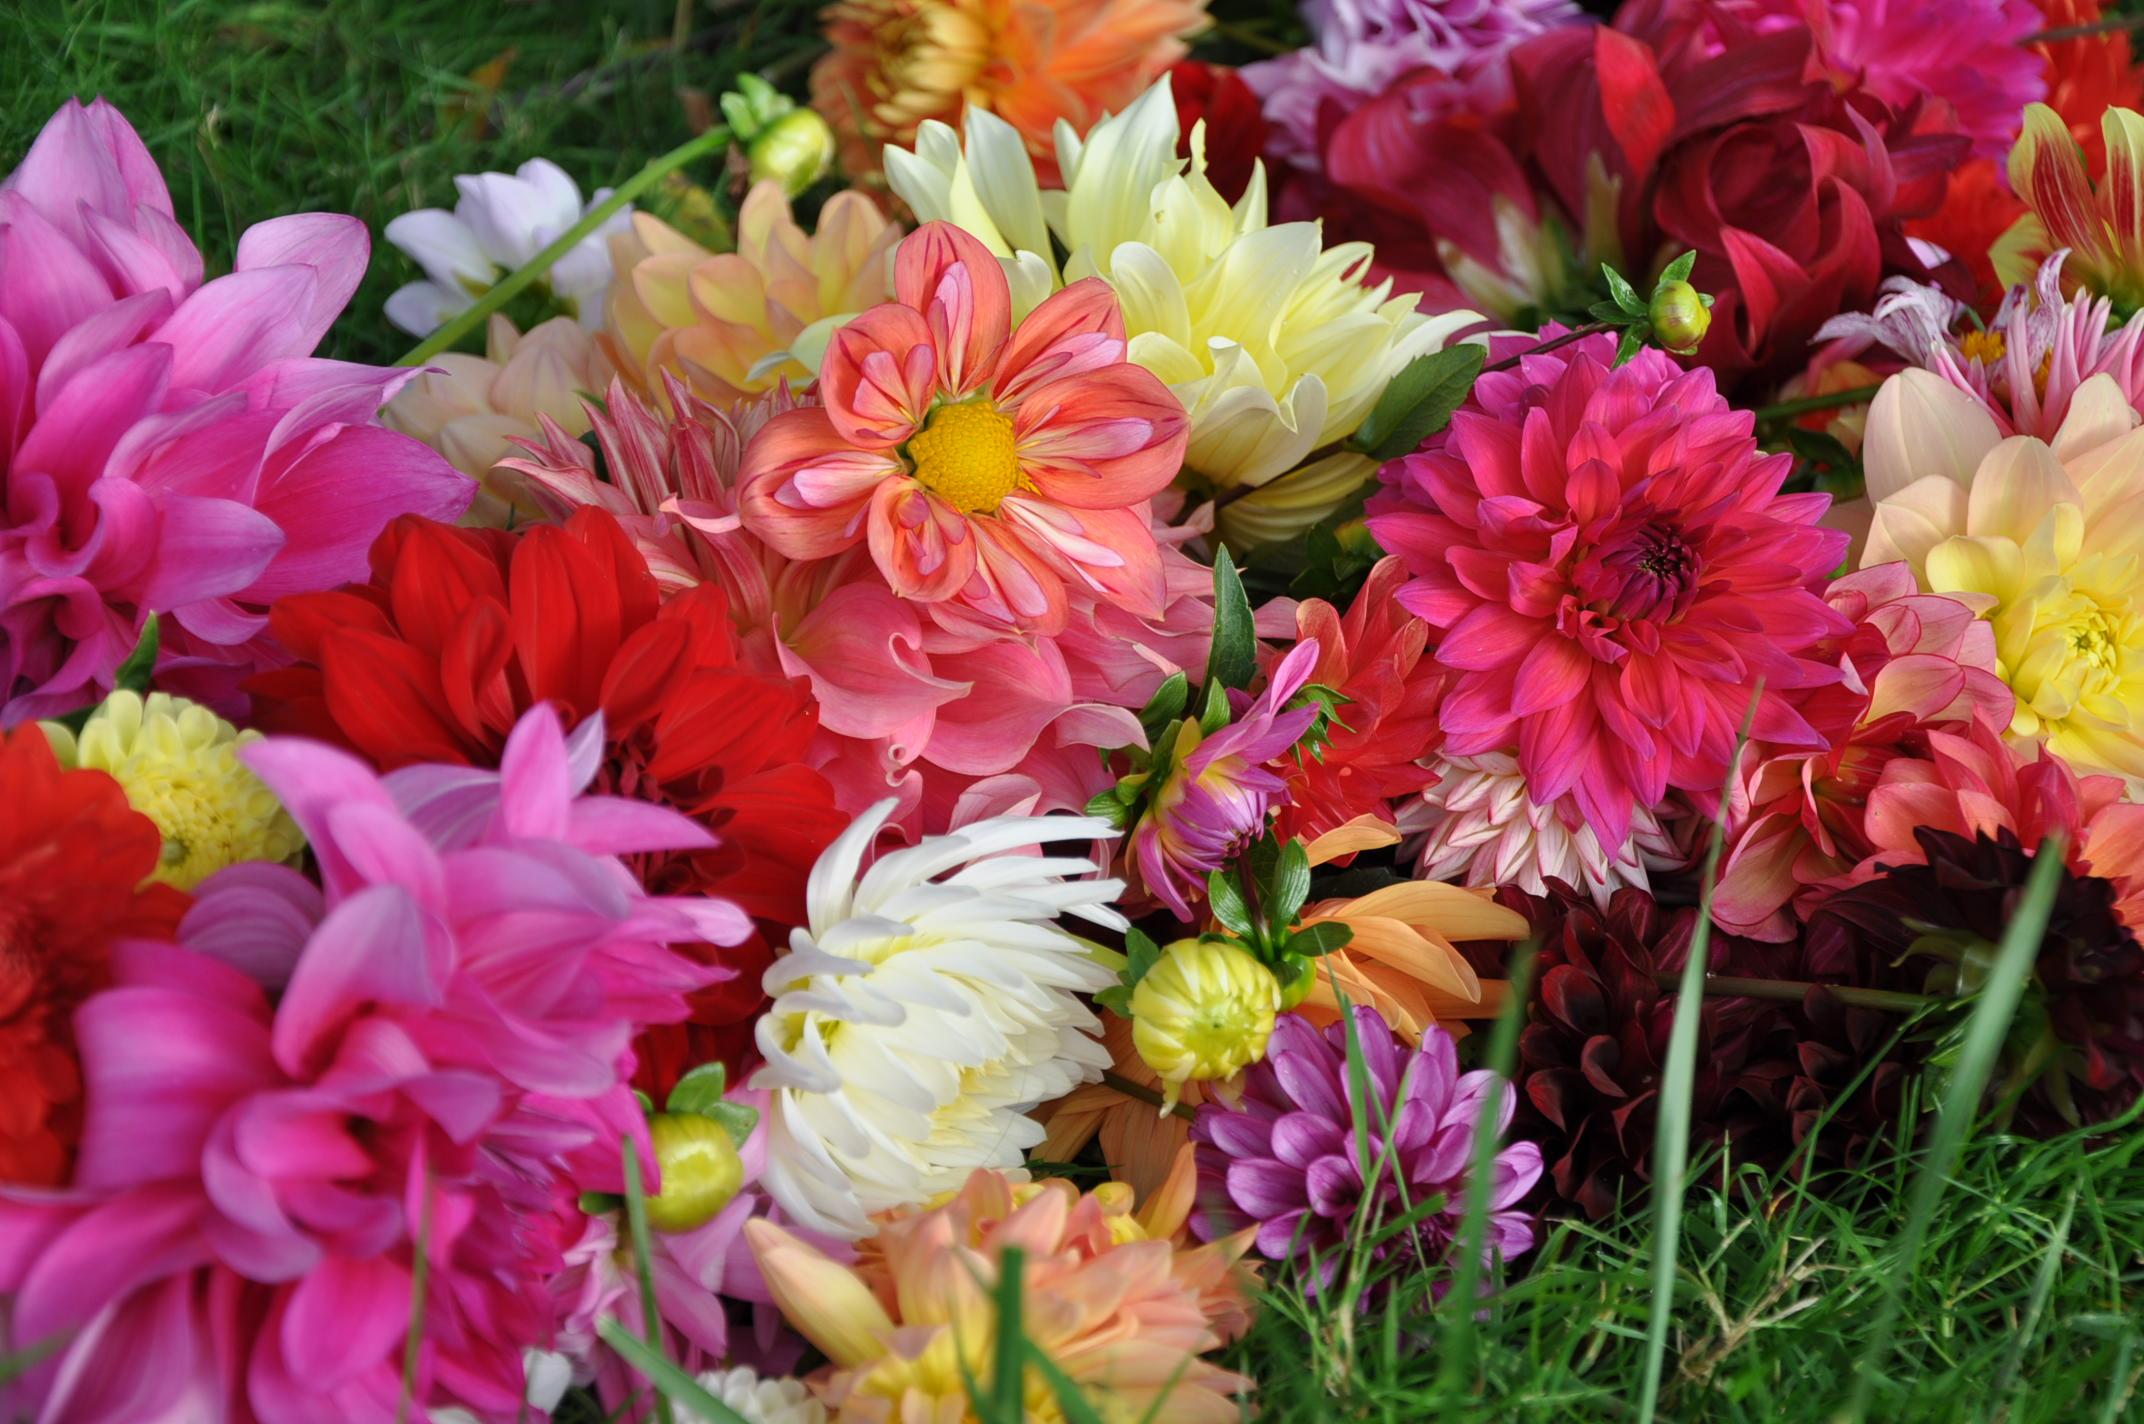 A pile of rainbow dahlias